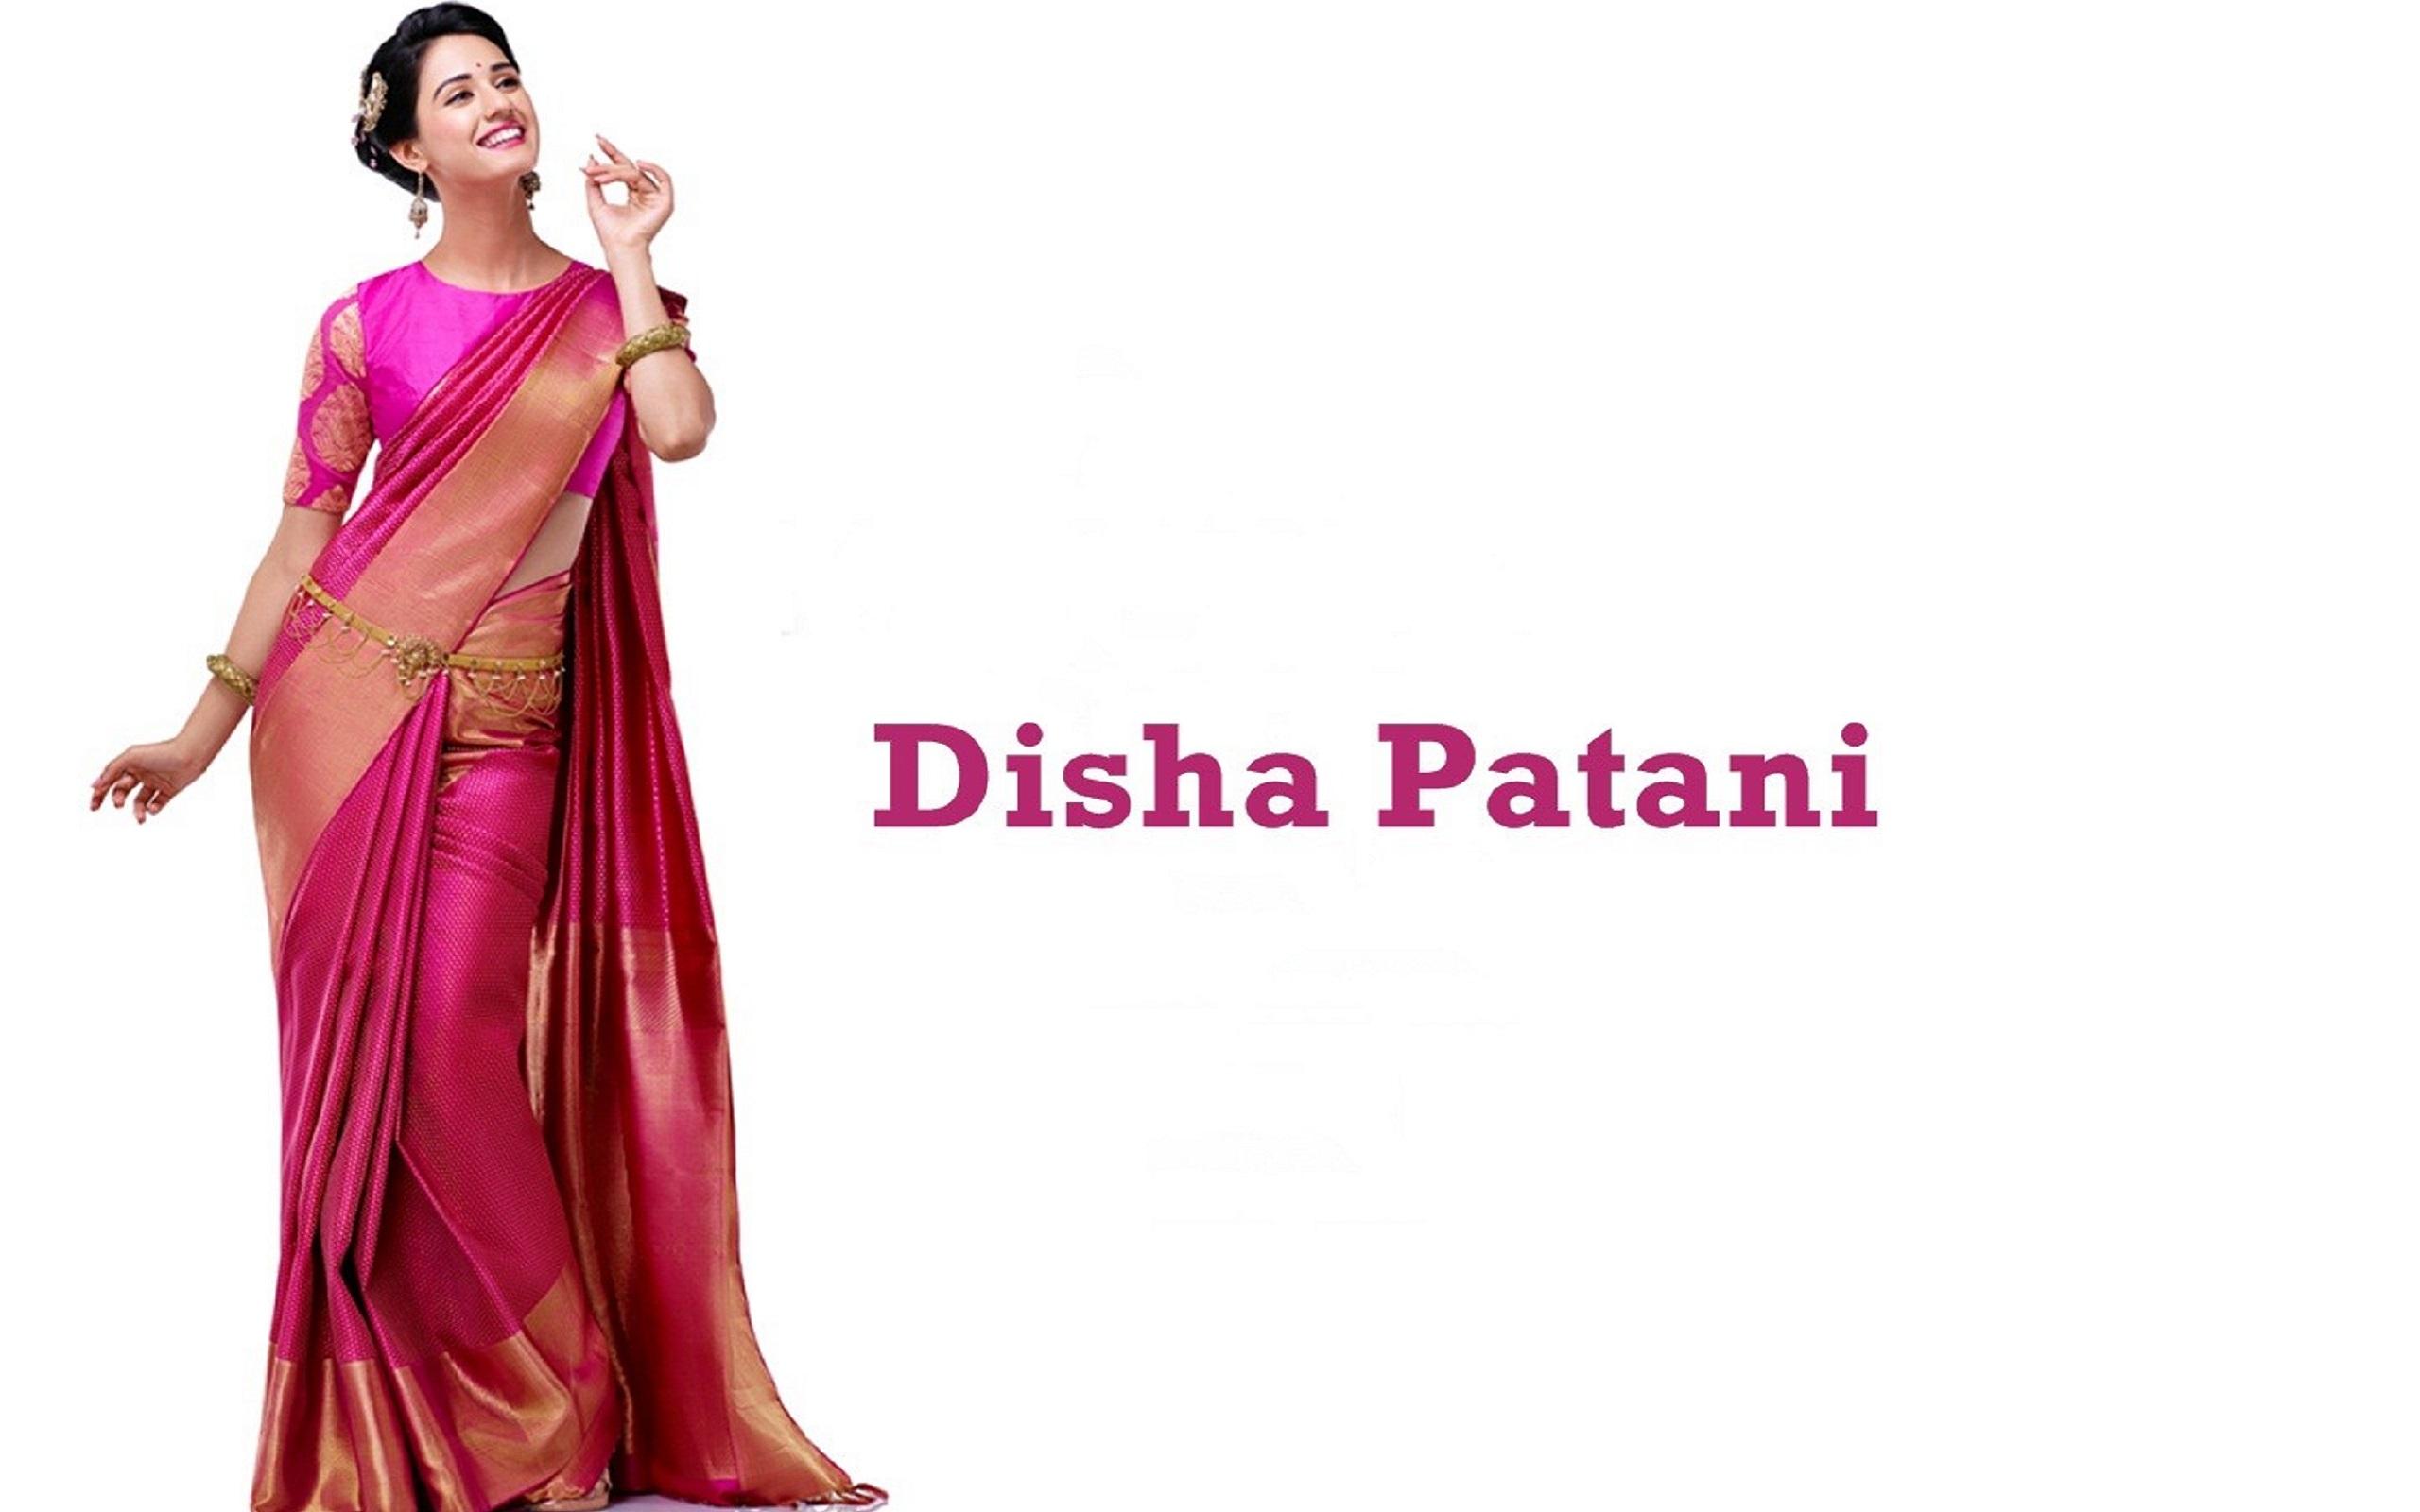 Unseen Disha Patani: Disha Patani Latest Bikini Photos, Images And Wallpapers